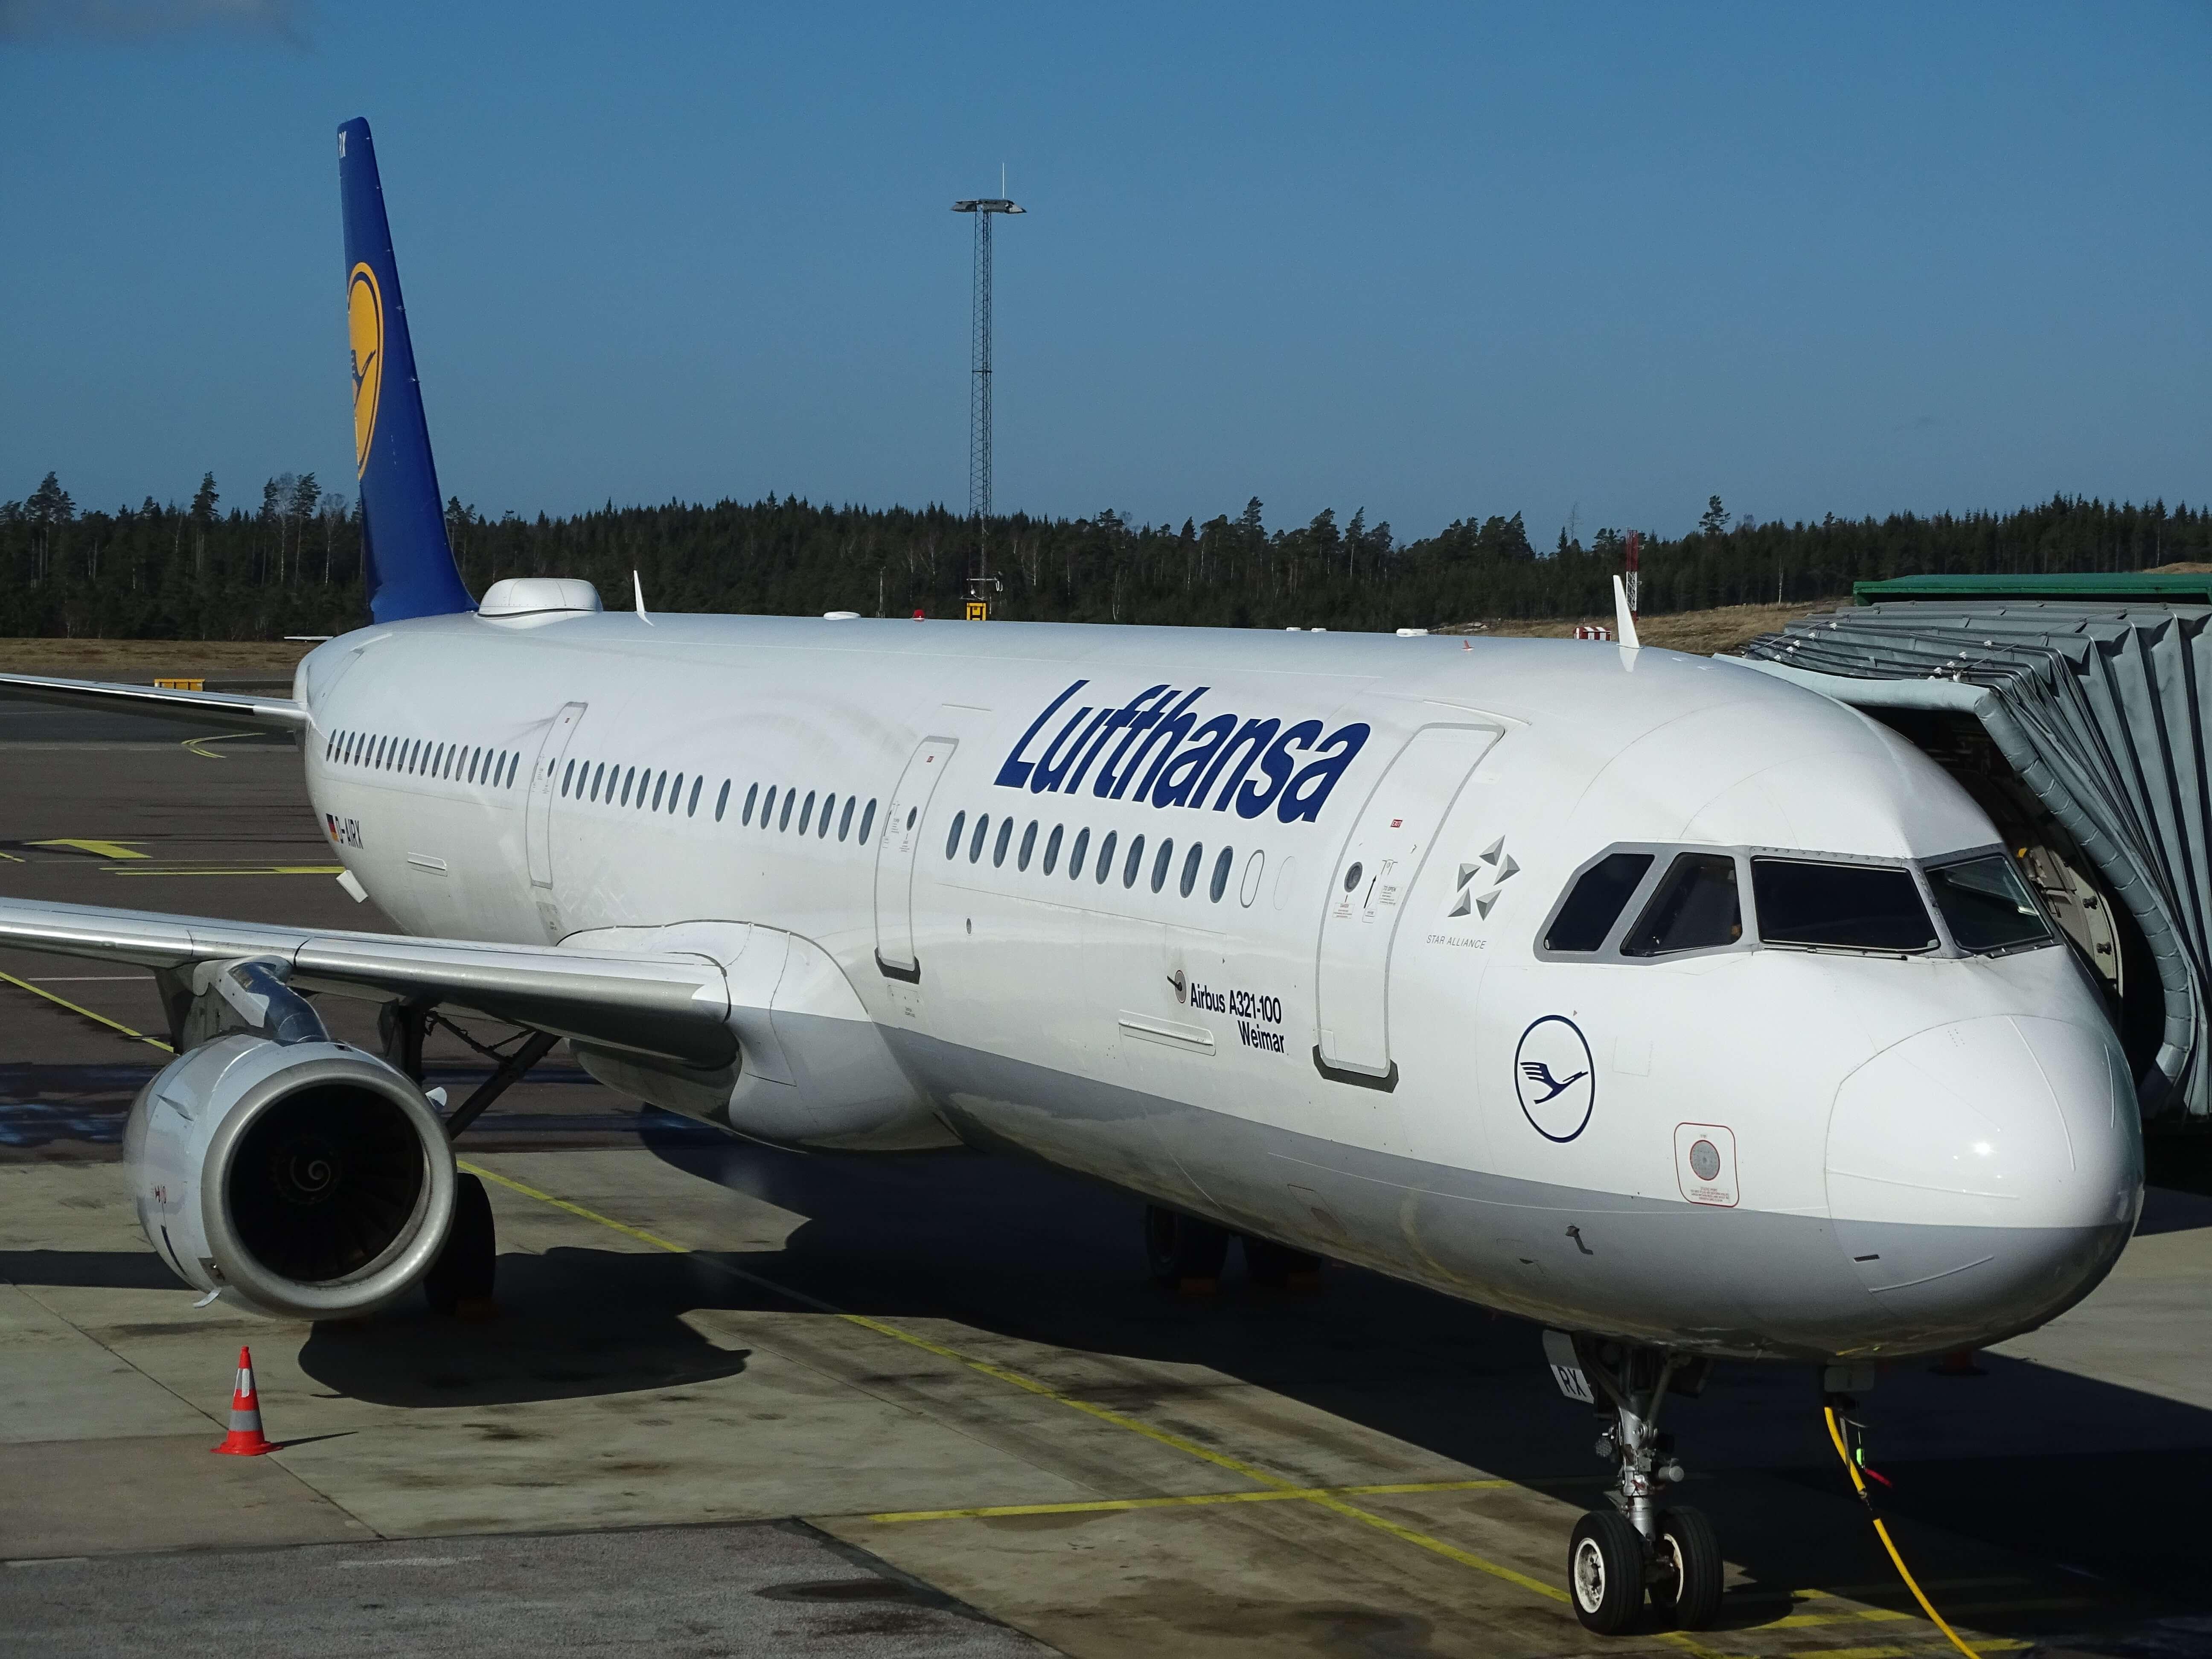 Foto von Lufthansa-Flugzeug am Flughafen